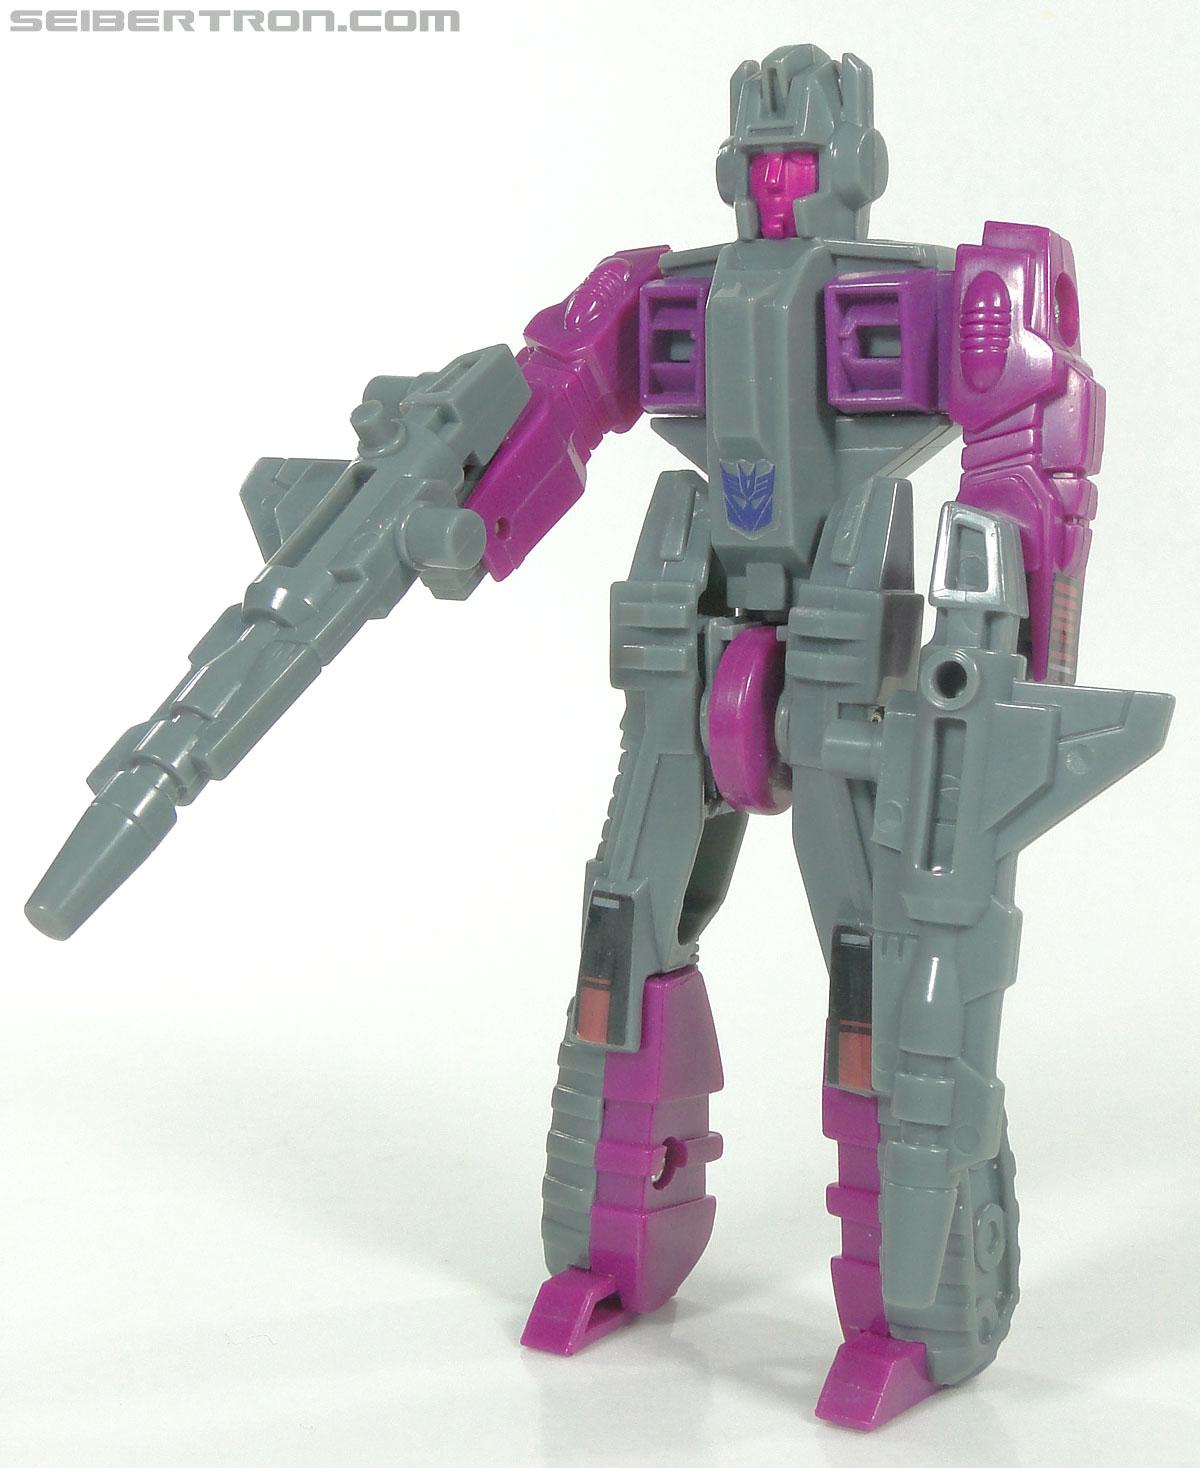 Transformers Super God Masterforce Skullgrin (Dauros) (Image #173 of 196)